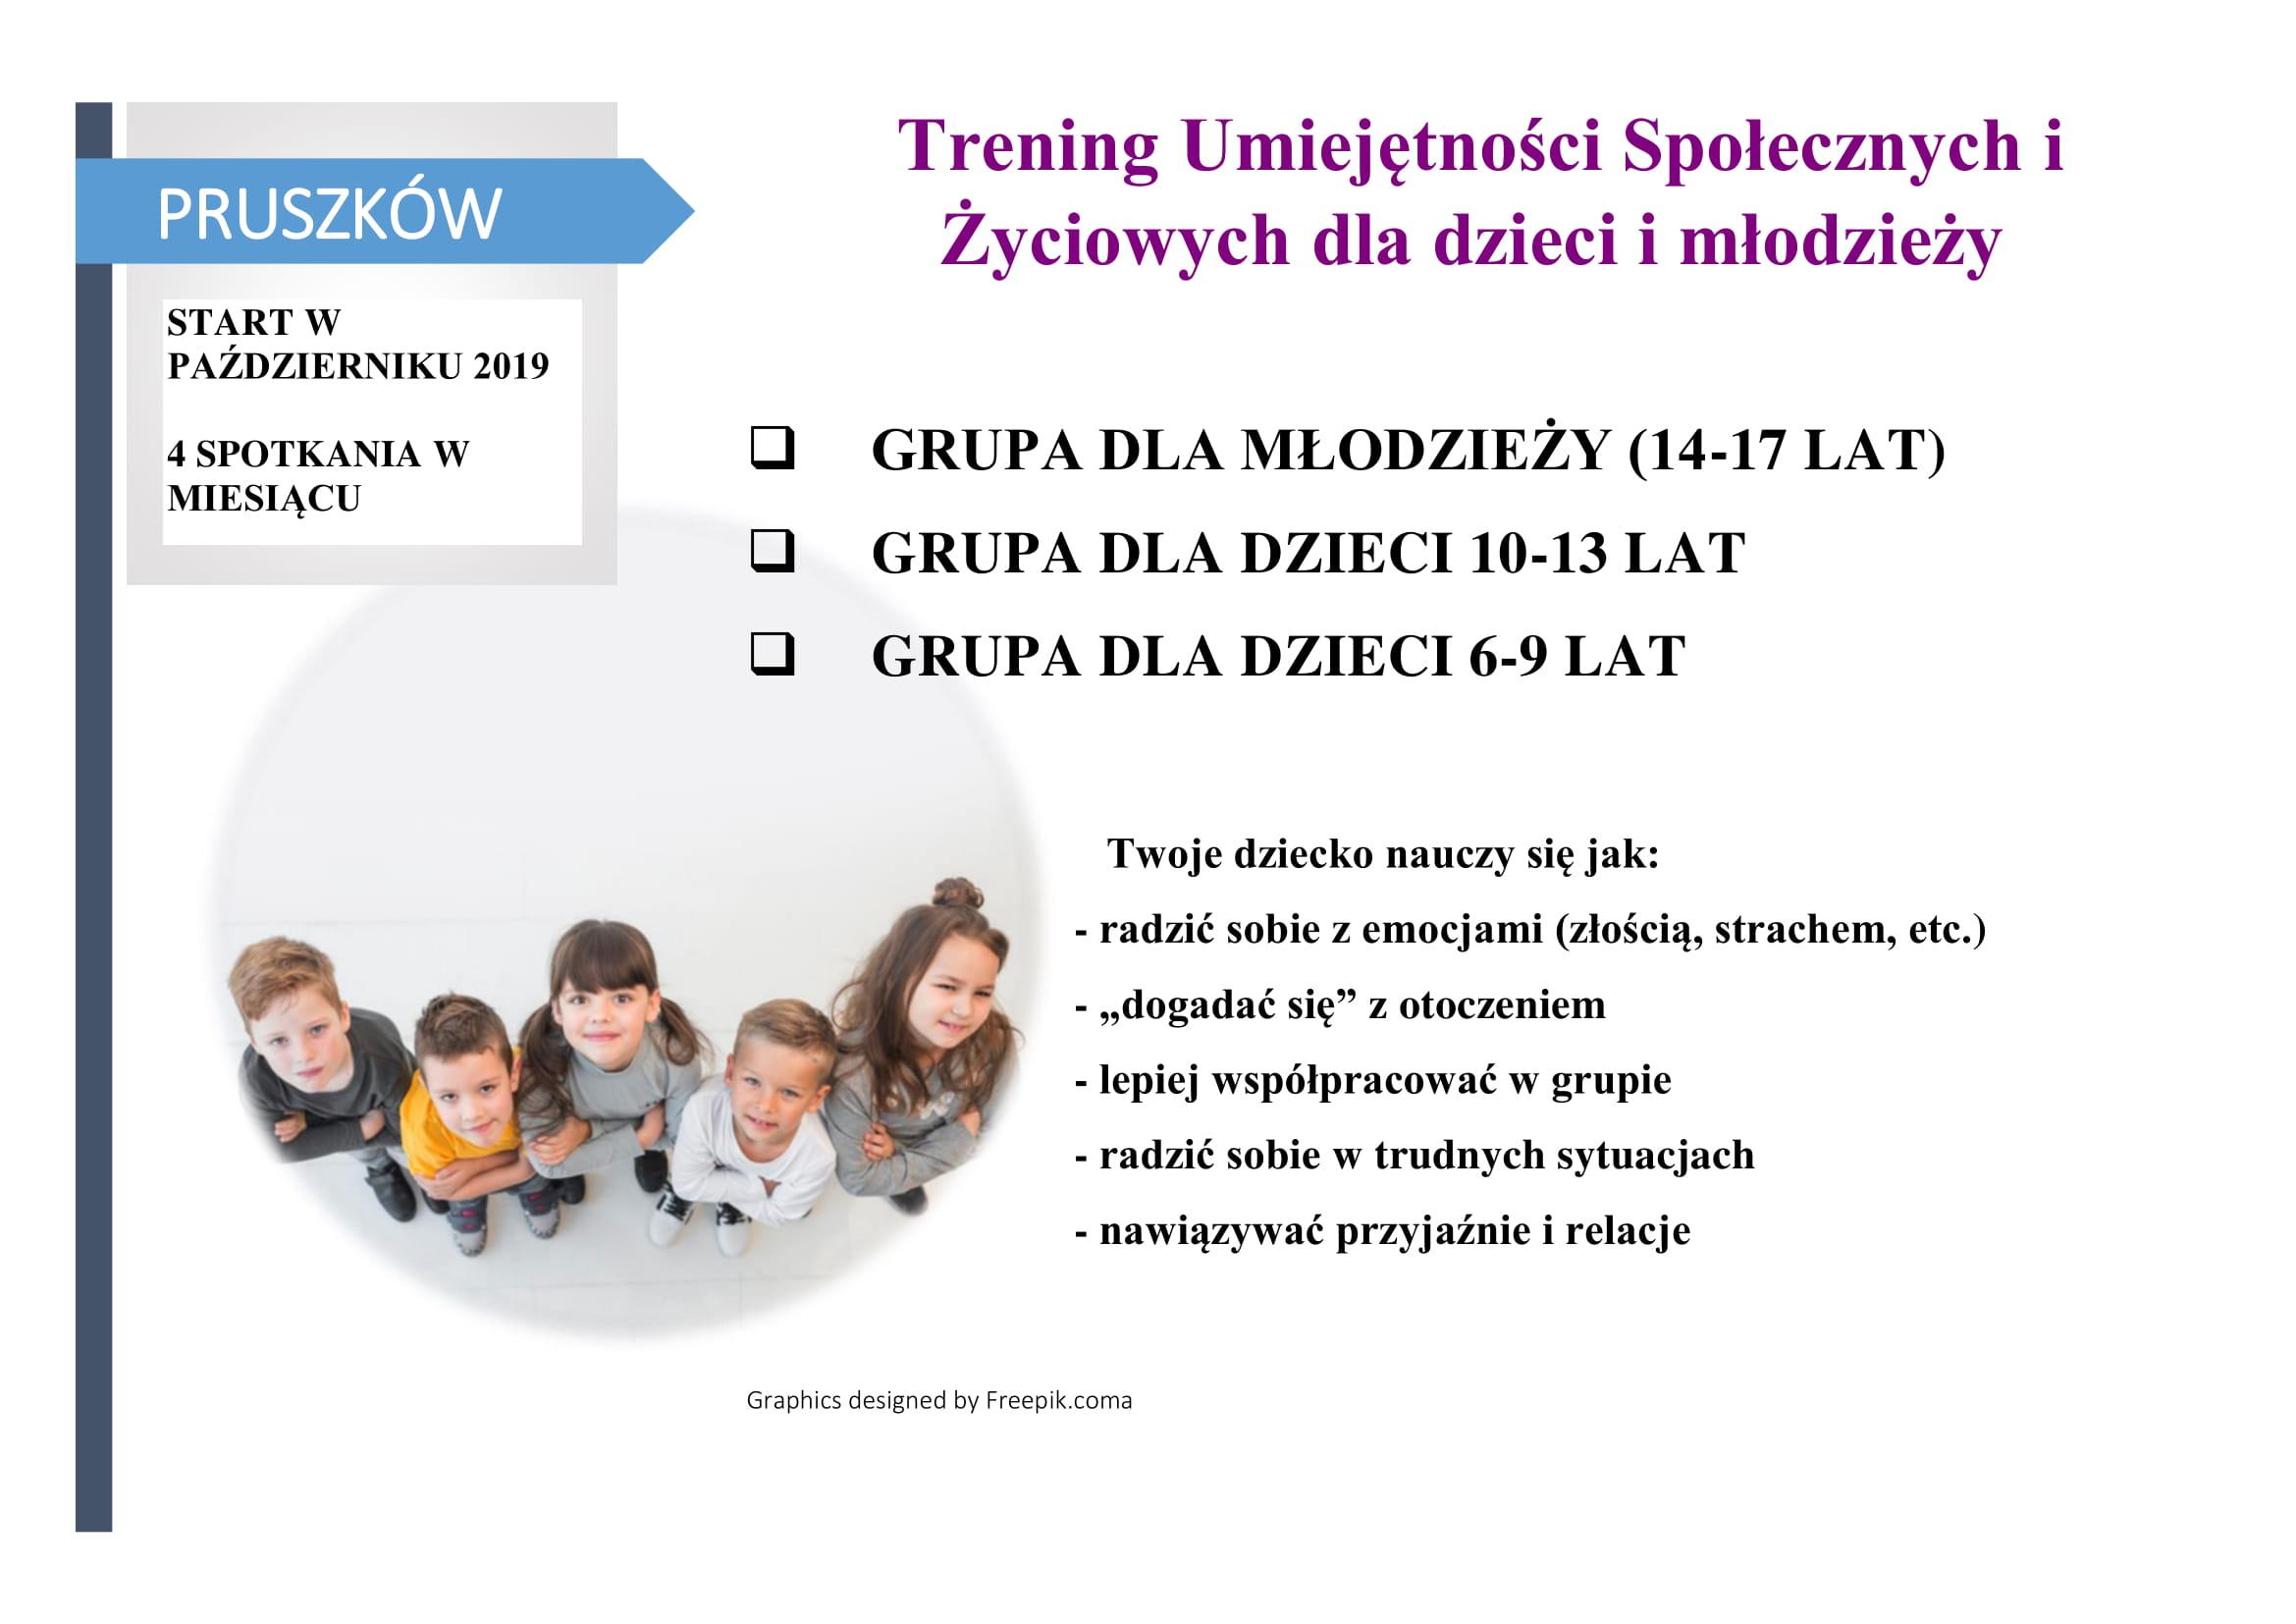 Pruszków. Grupa TUS dla uczniów w wieku 10-13 lat